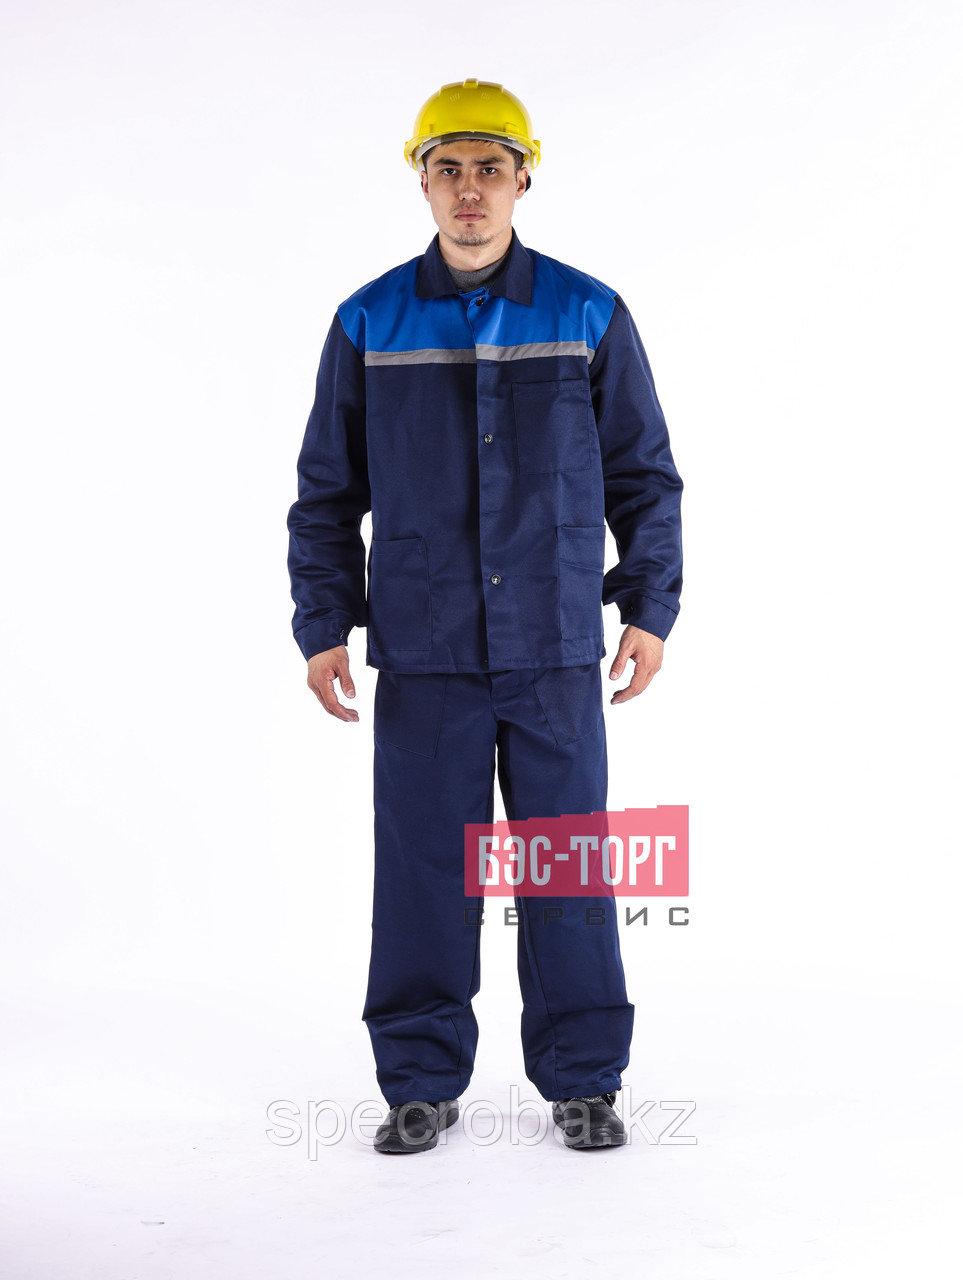 Костюм РАБОТНИК куртка + брюки - фото 2